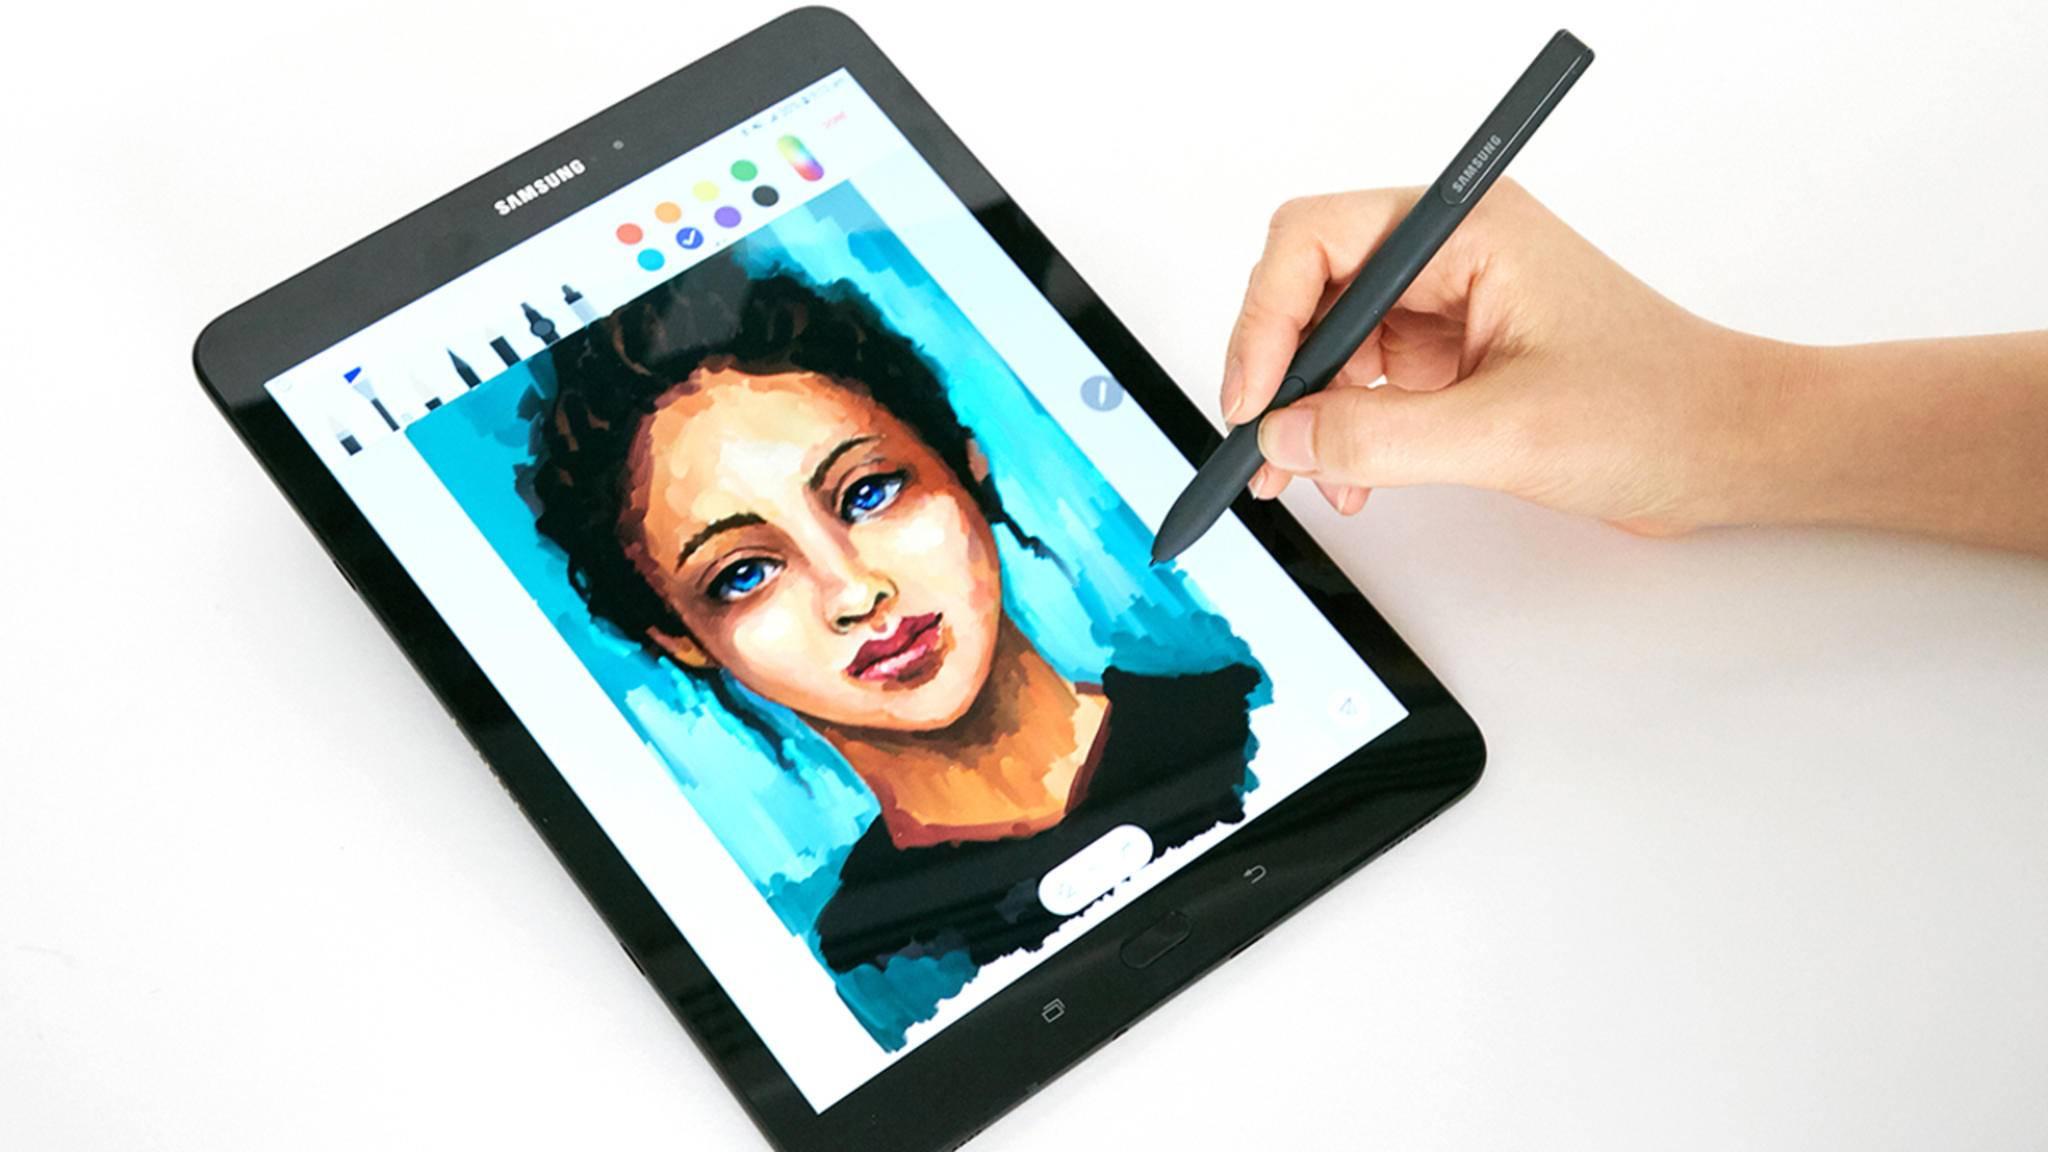 Die Akkulaufzeit ist bei modernen Tablets wie dem Samsung Galaxy Tab S3 kein Problem mehr.